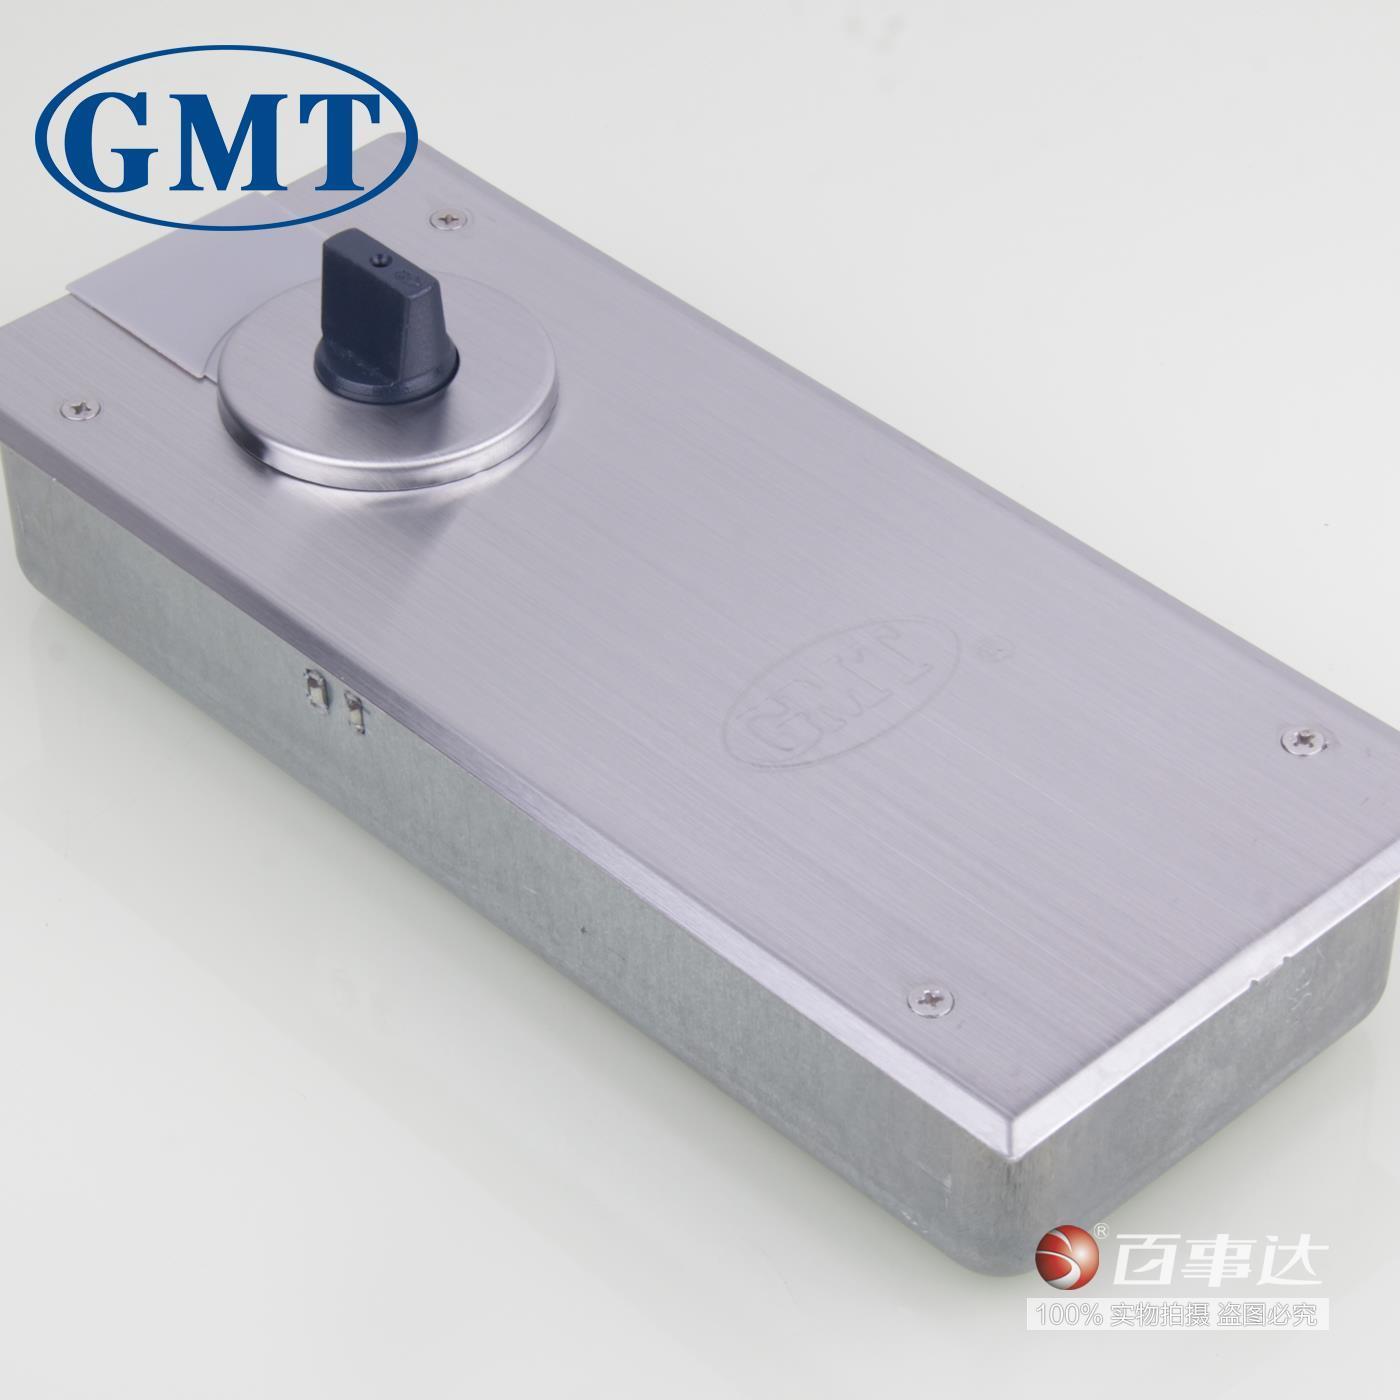 襄阳GMT原装地弹簧 H-220B报价